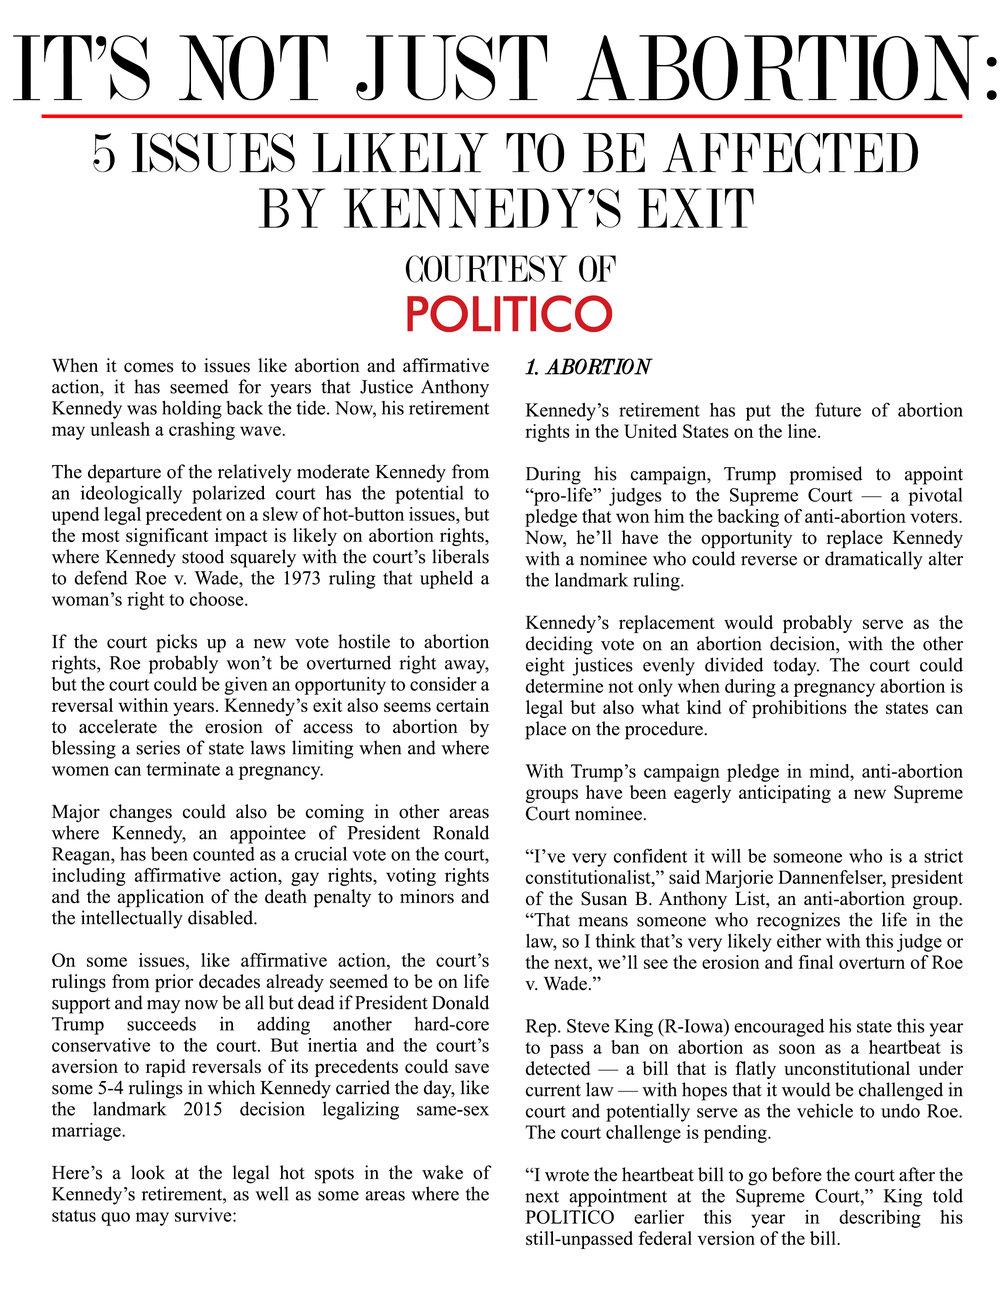 kennedy_5things.jpg